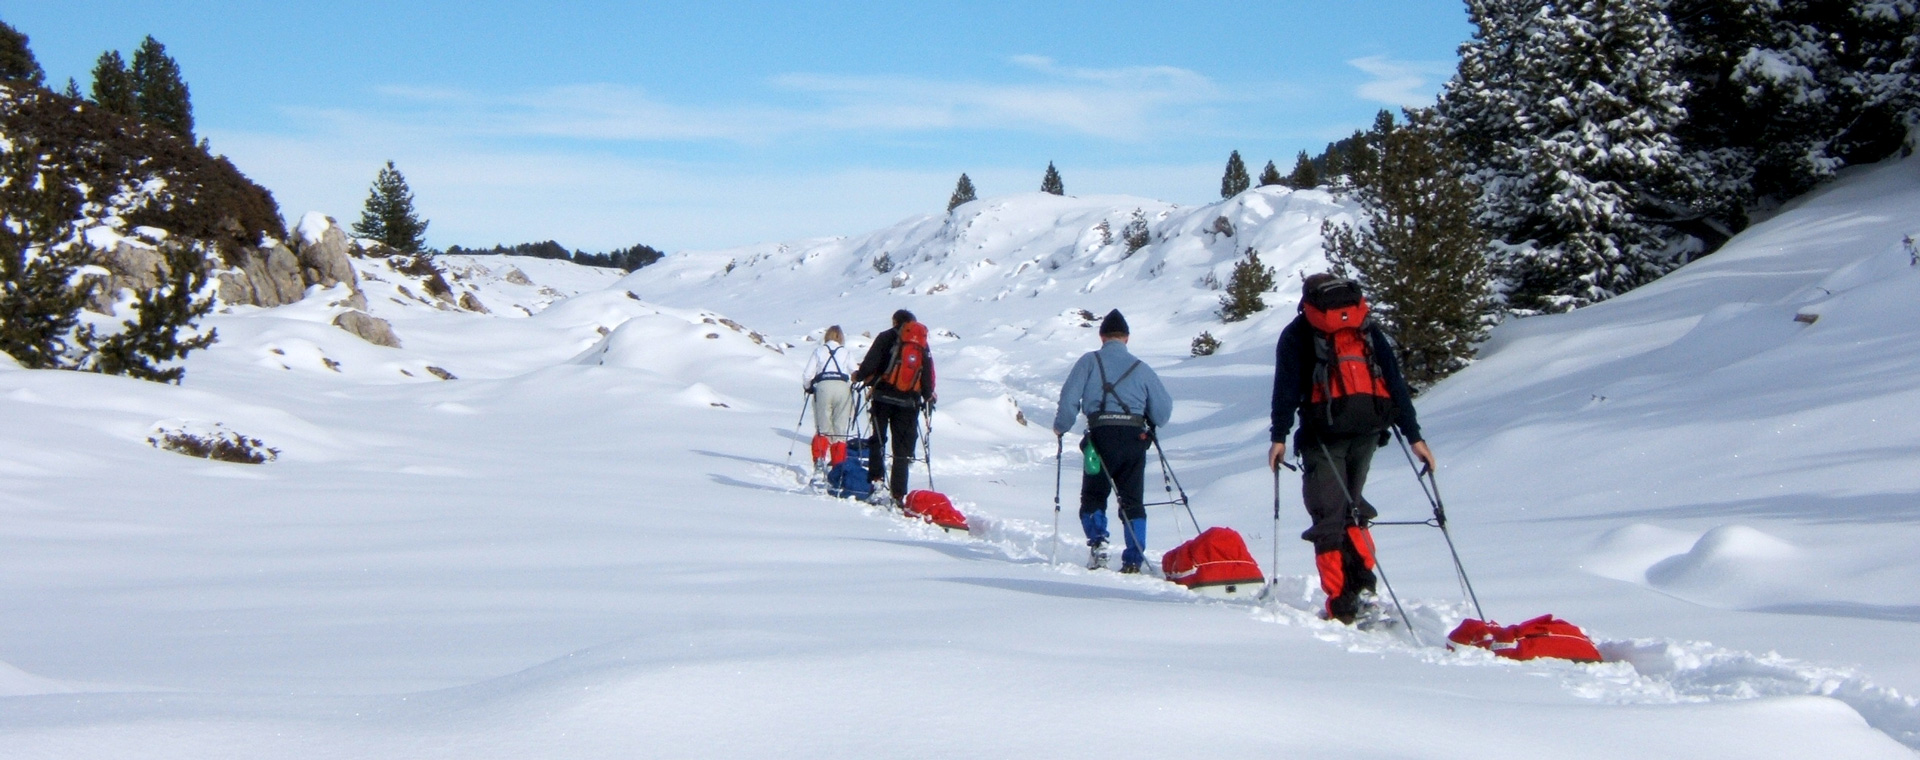 Voyage à pied : Réveillon et Igloo sur les hauts plateaux du Vercors